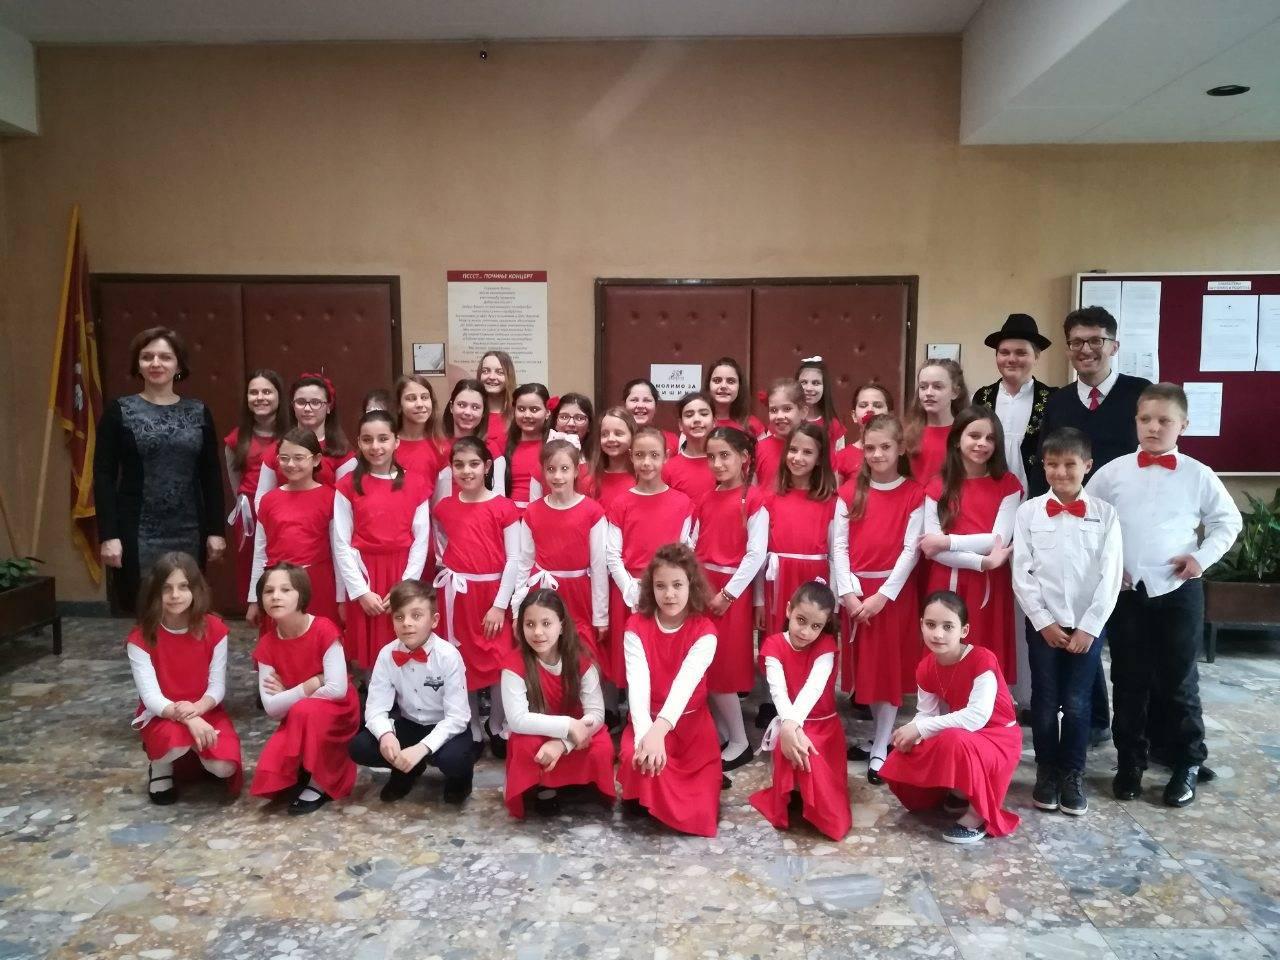 Horić muzičke škole   Foto: Muzička škola, Fejsbuk profil